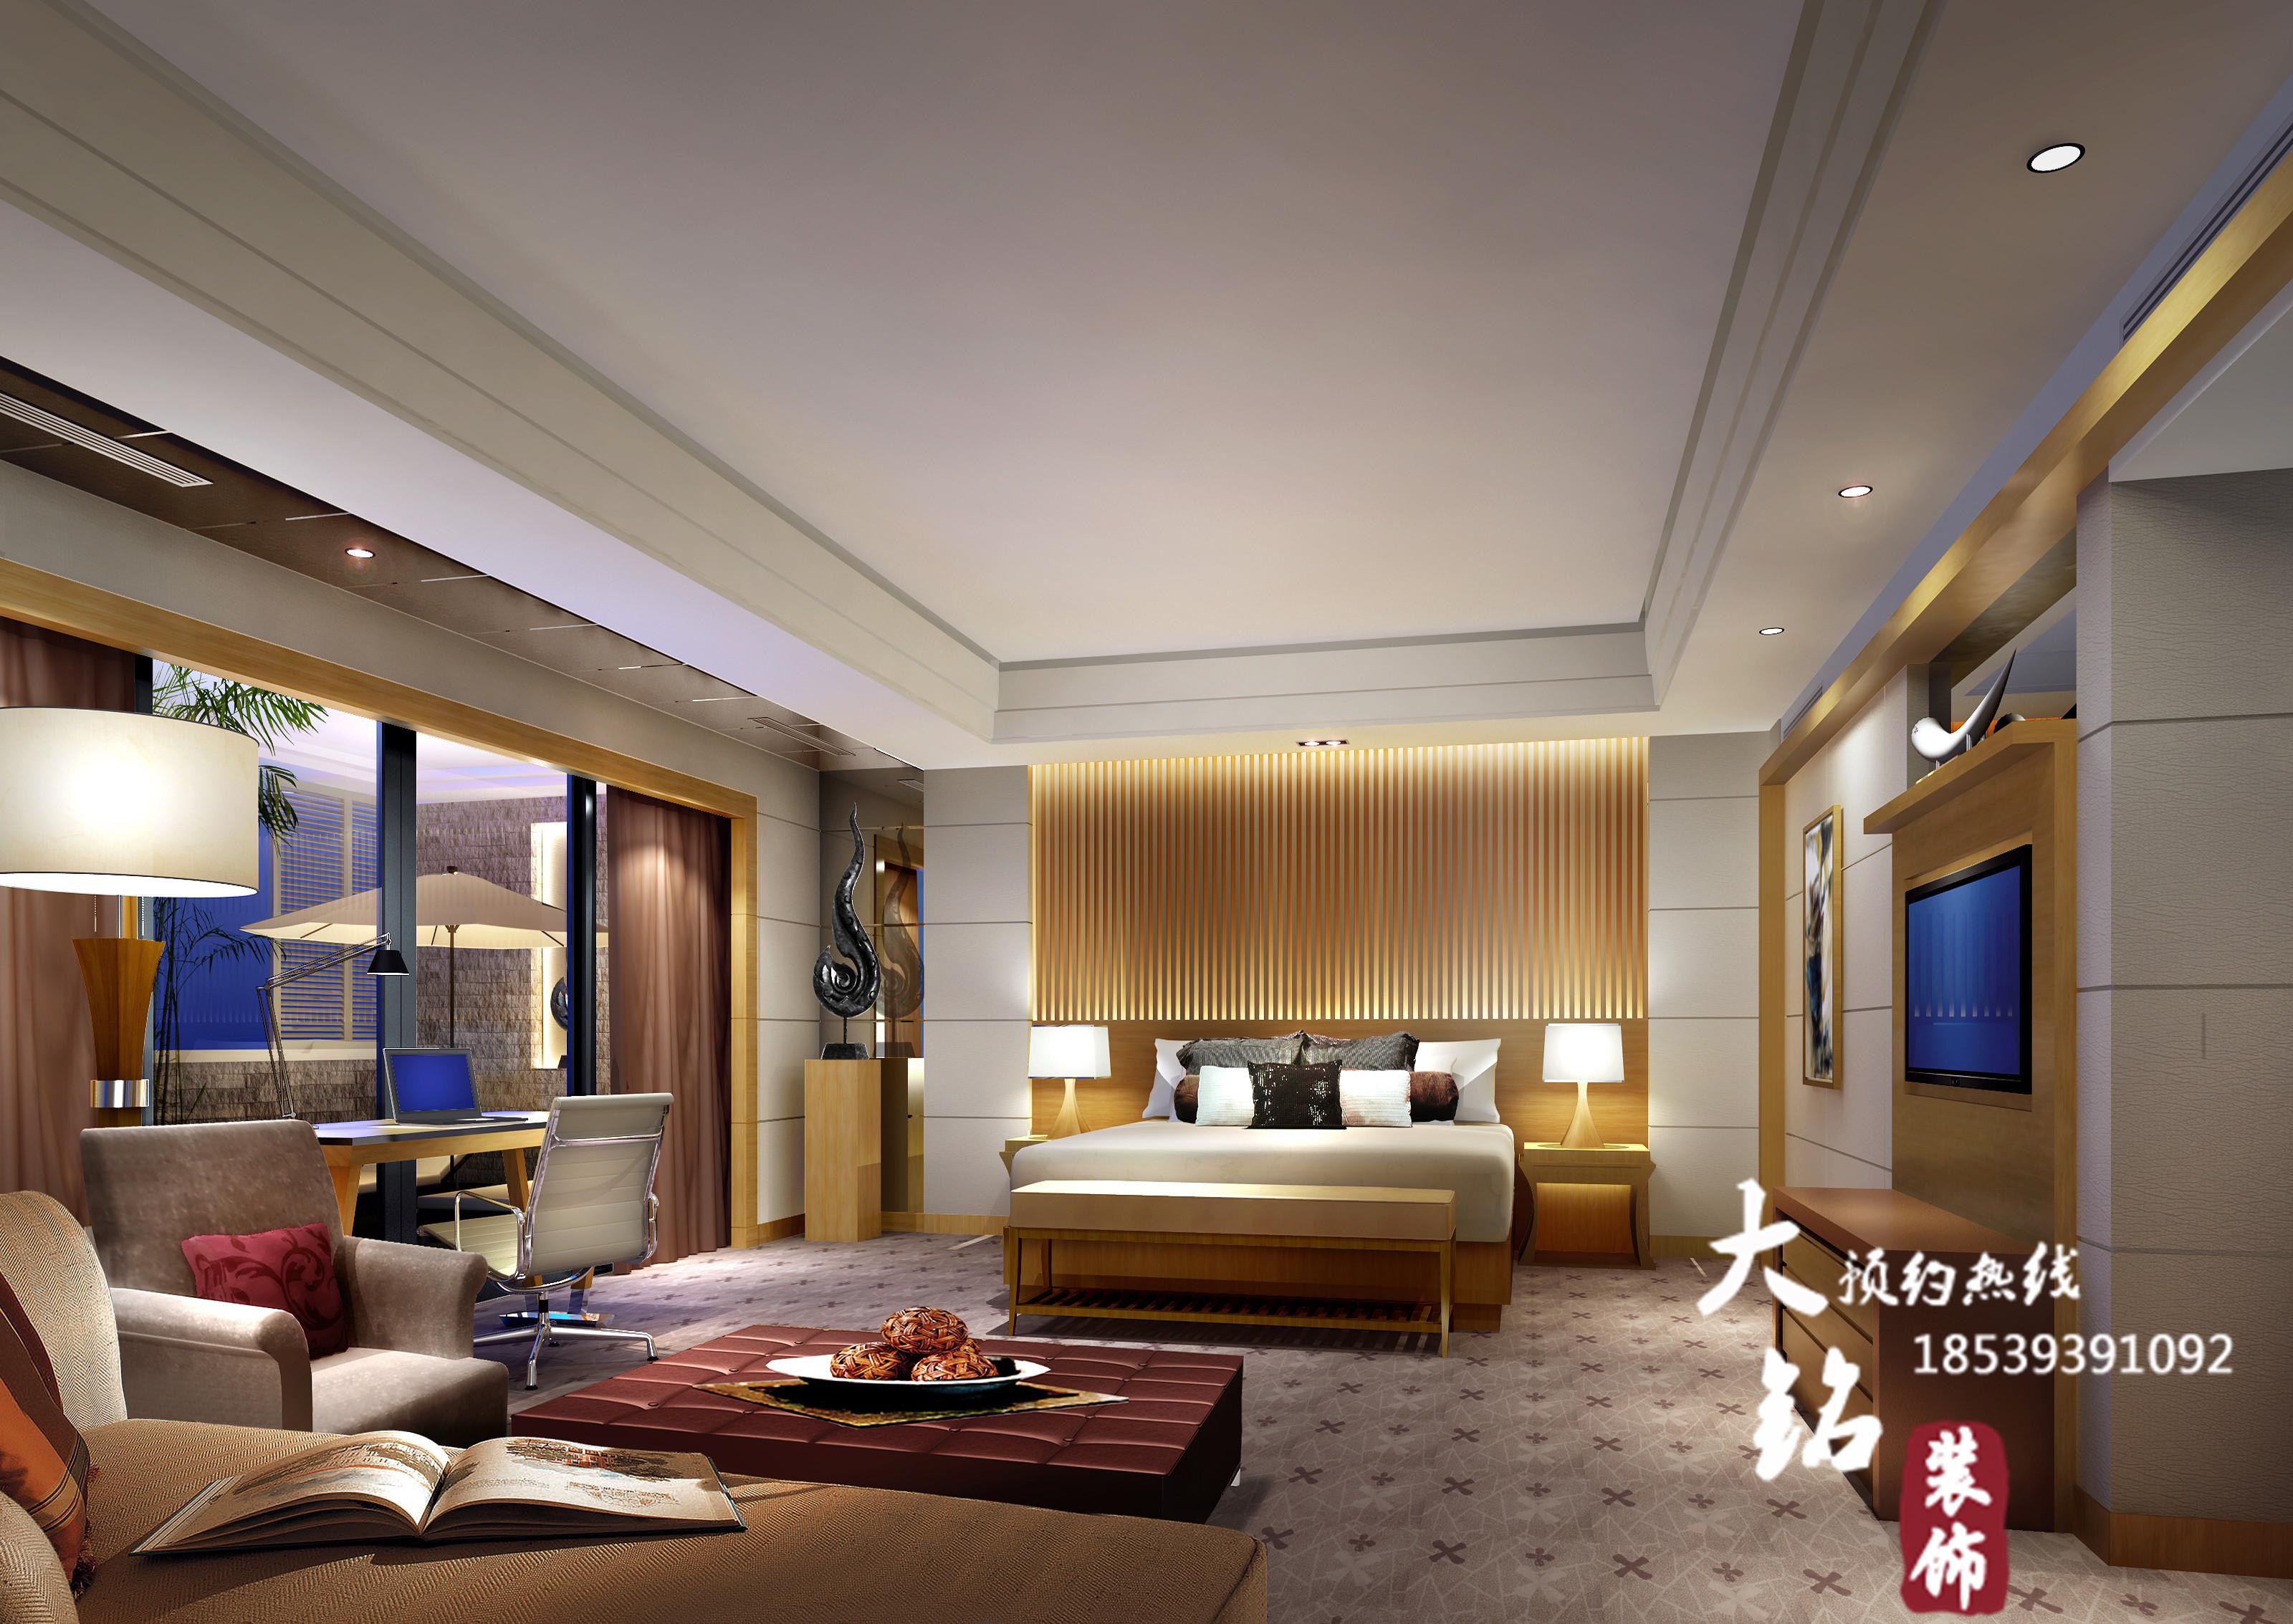 海南国际酒店装饰设计